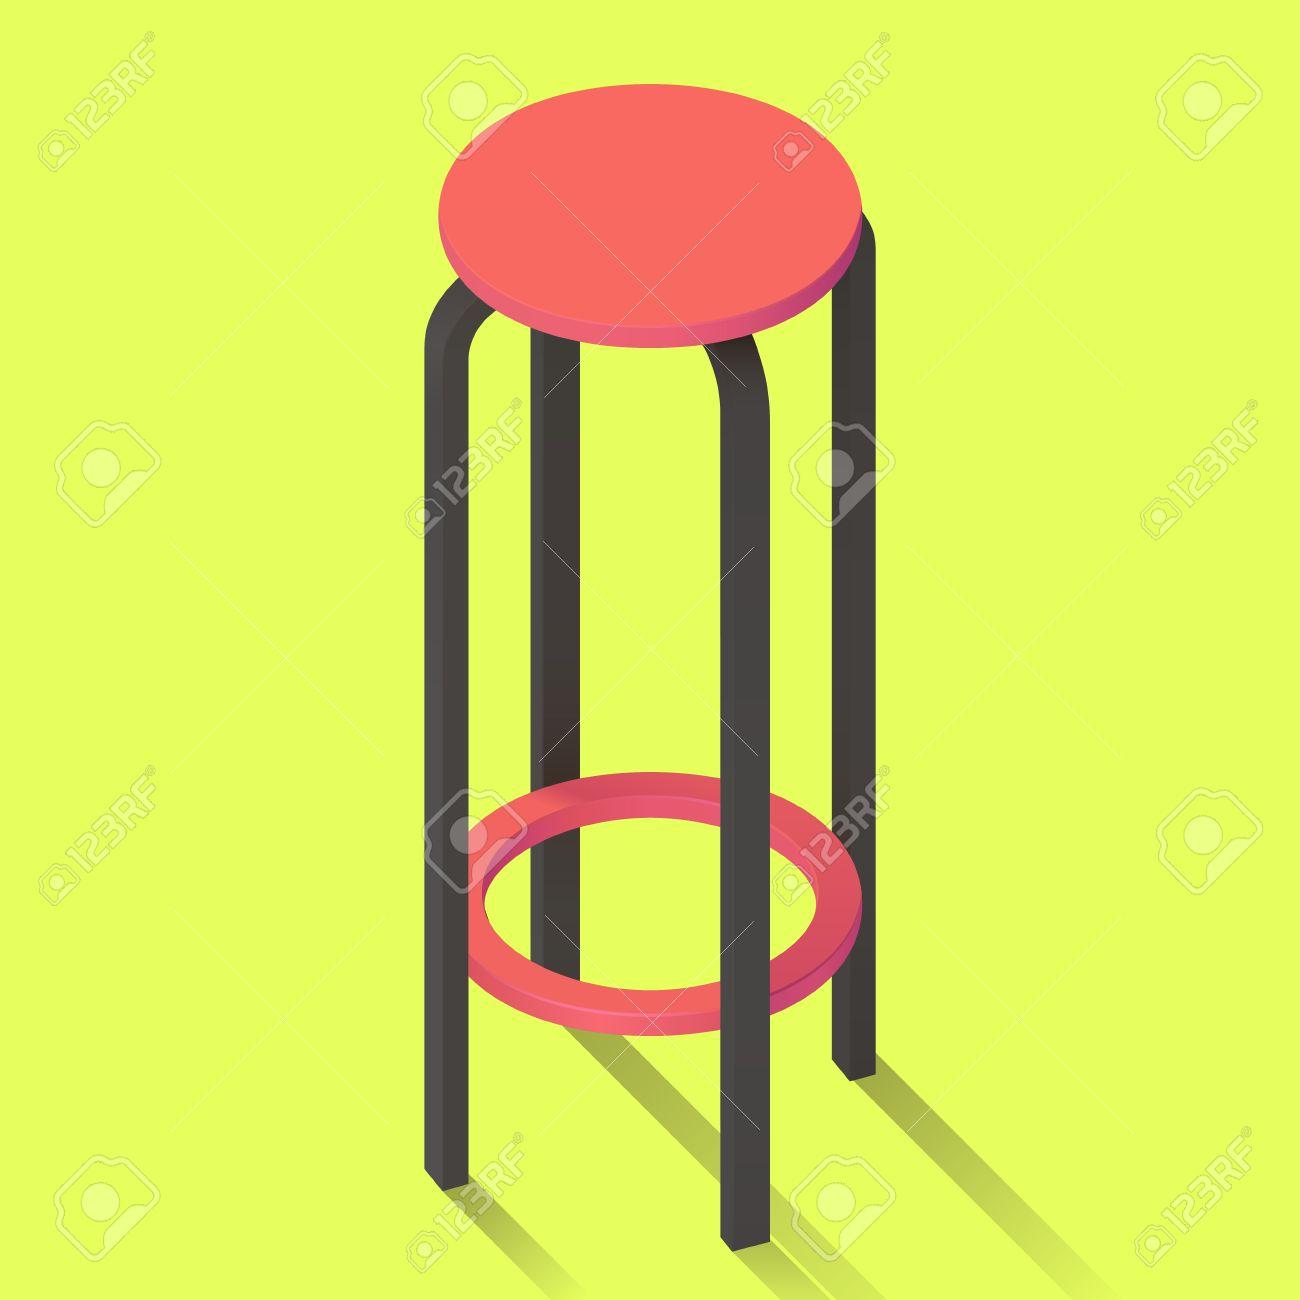 isométriquepub Chaise de en de tabouret perspective haut siègeisoléfond icône bar vecteur vue Yfgy7b6